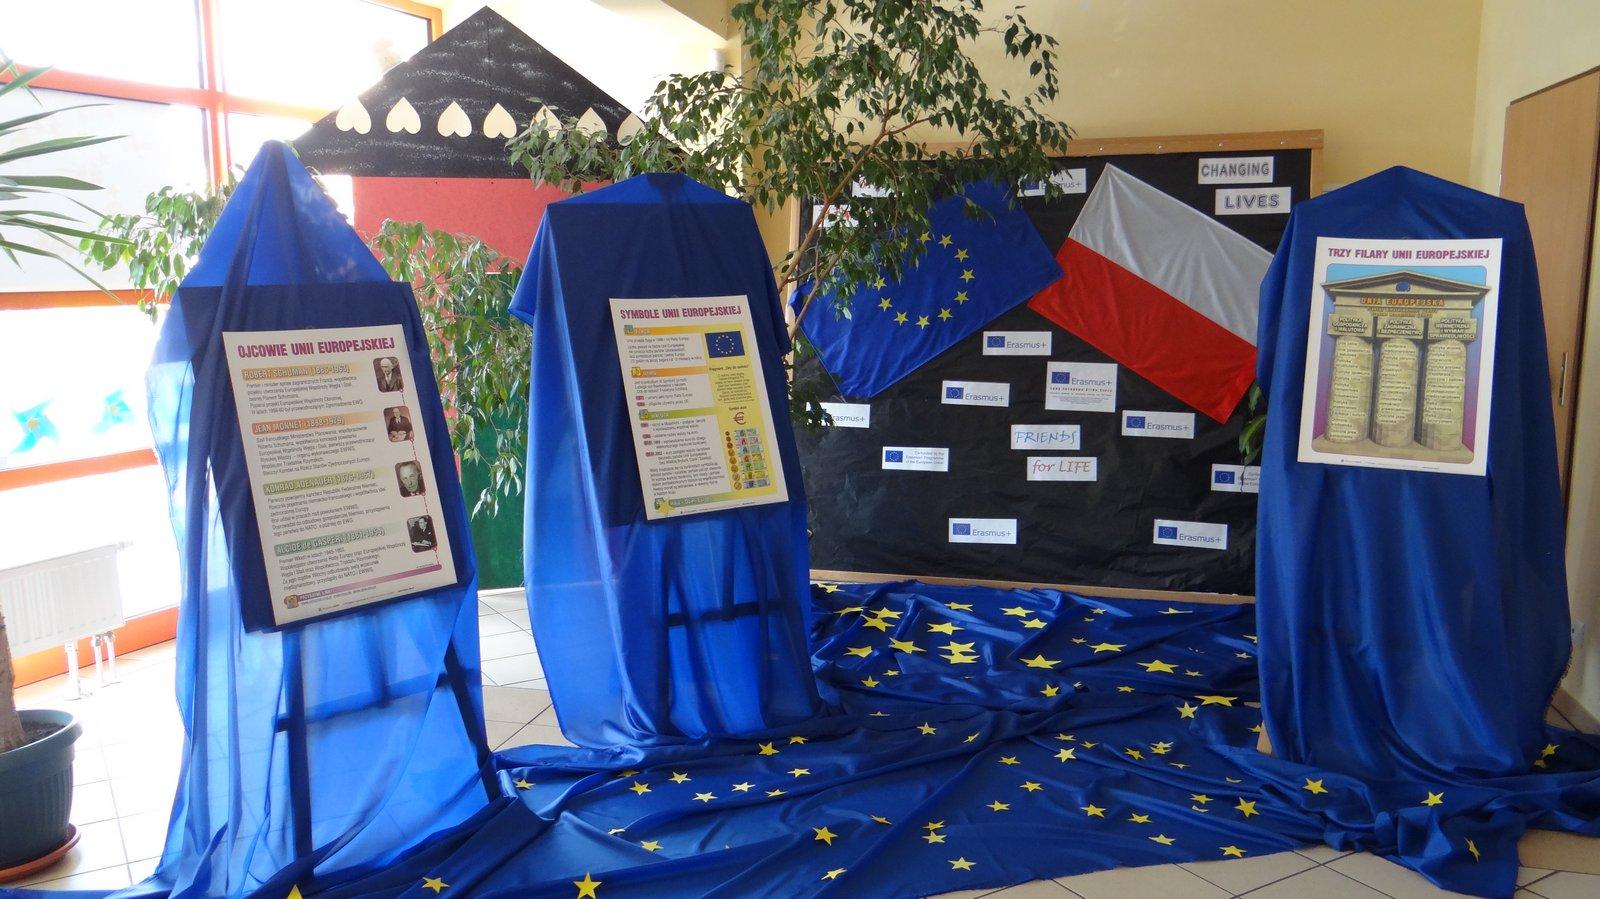 dsc09479 - Wielkopolska zaradność i pracowitość doceniona na Forum Wielkopolskiej Wsi Europejskiej